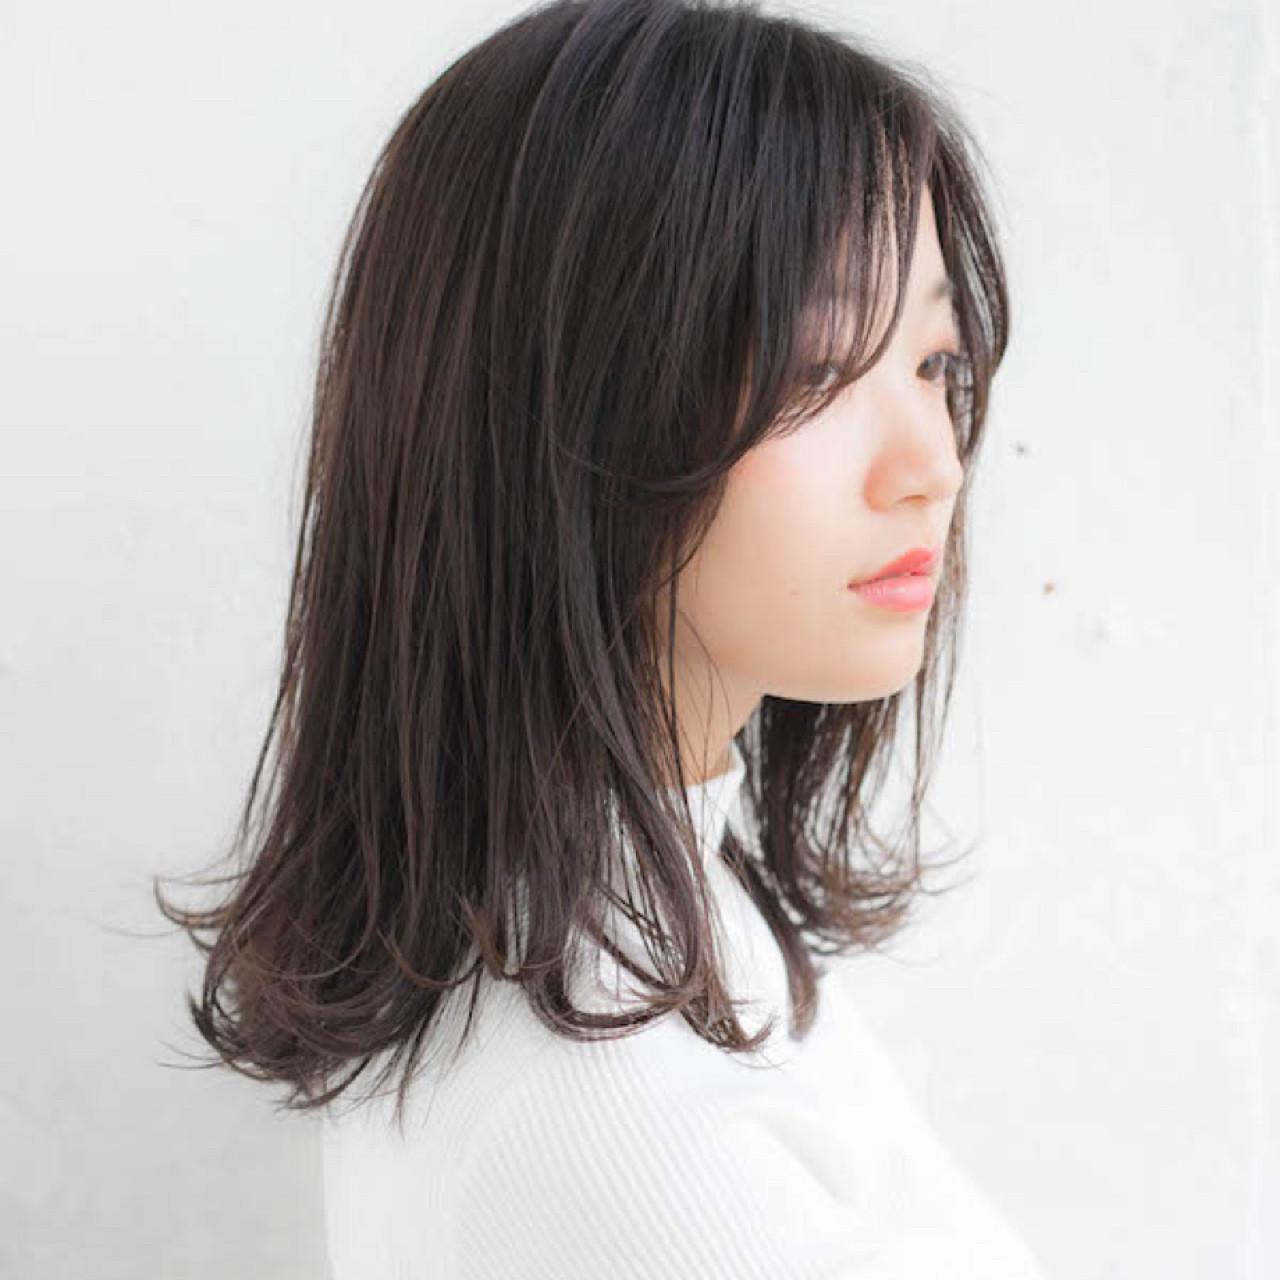 大人かわいい 前髪あり 抜け感 ミディアム ヘアスタイルや髪型の写真・画像